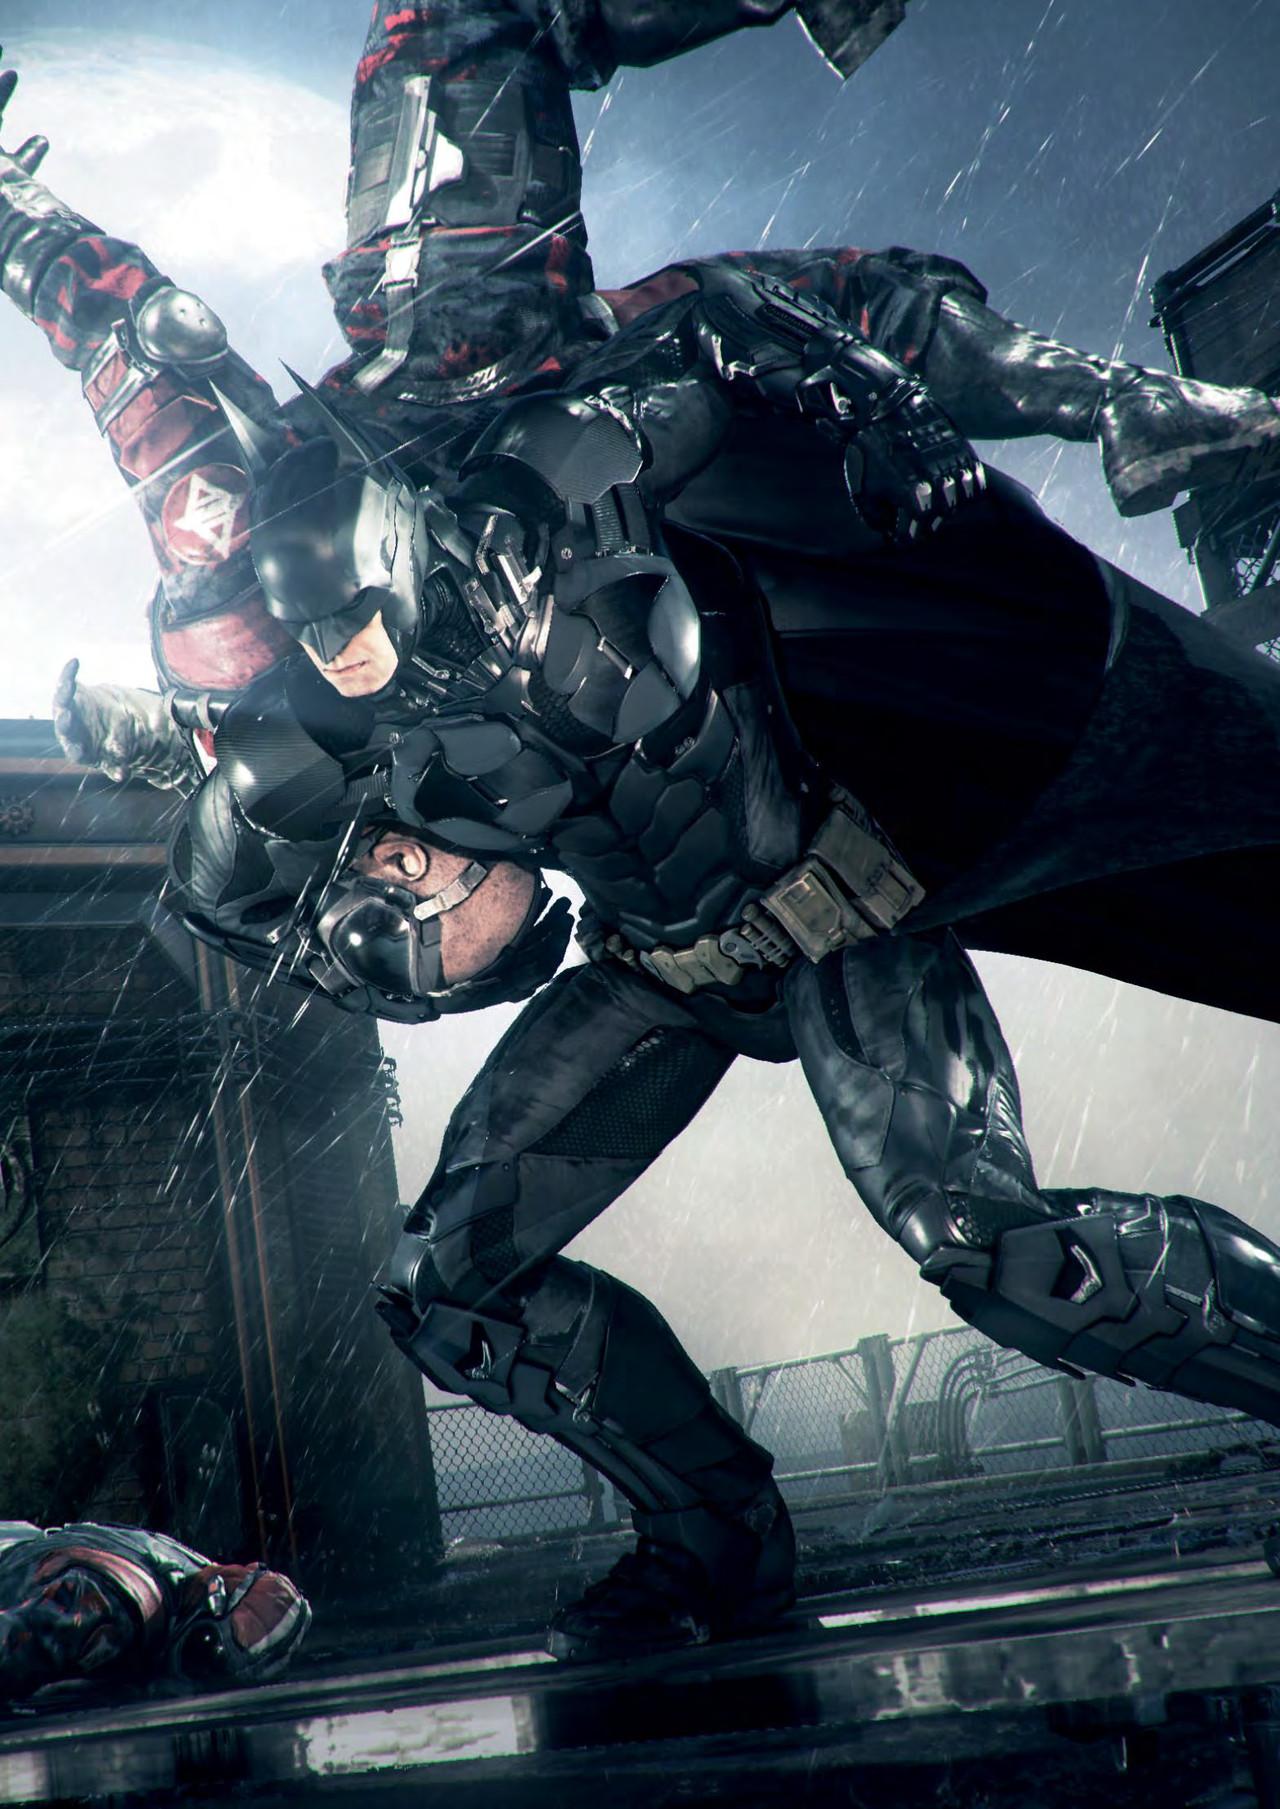 Galerie: Batman: Arkham Knight PC - Bild 13 von 14